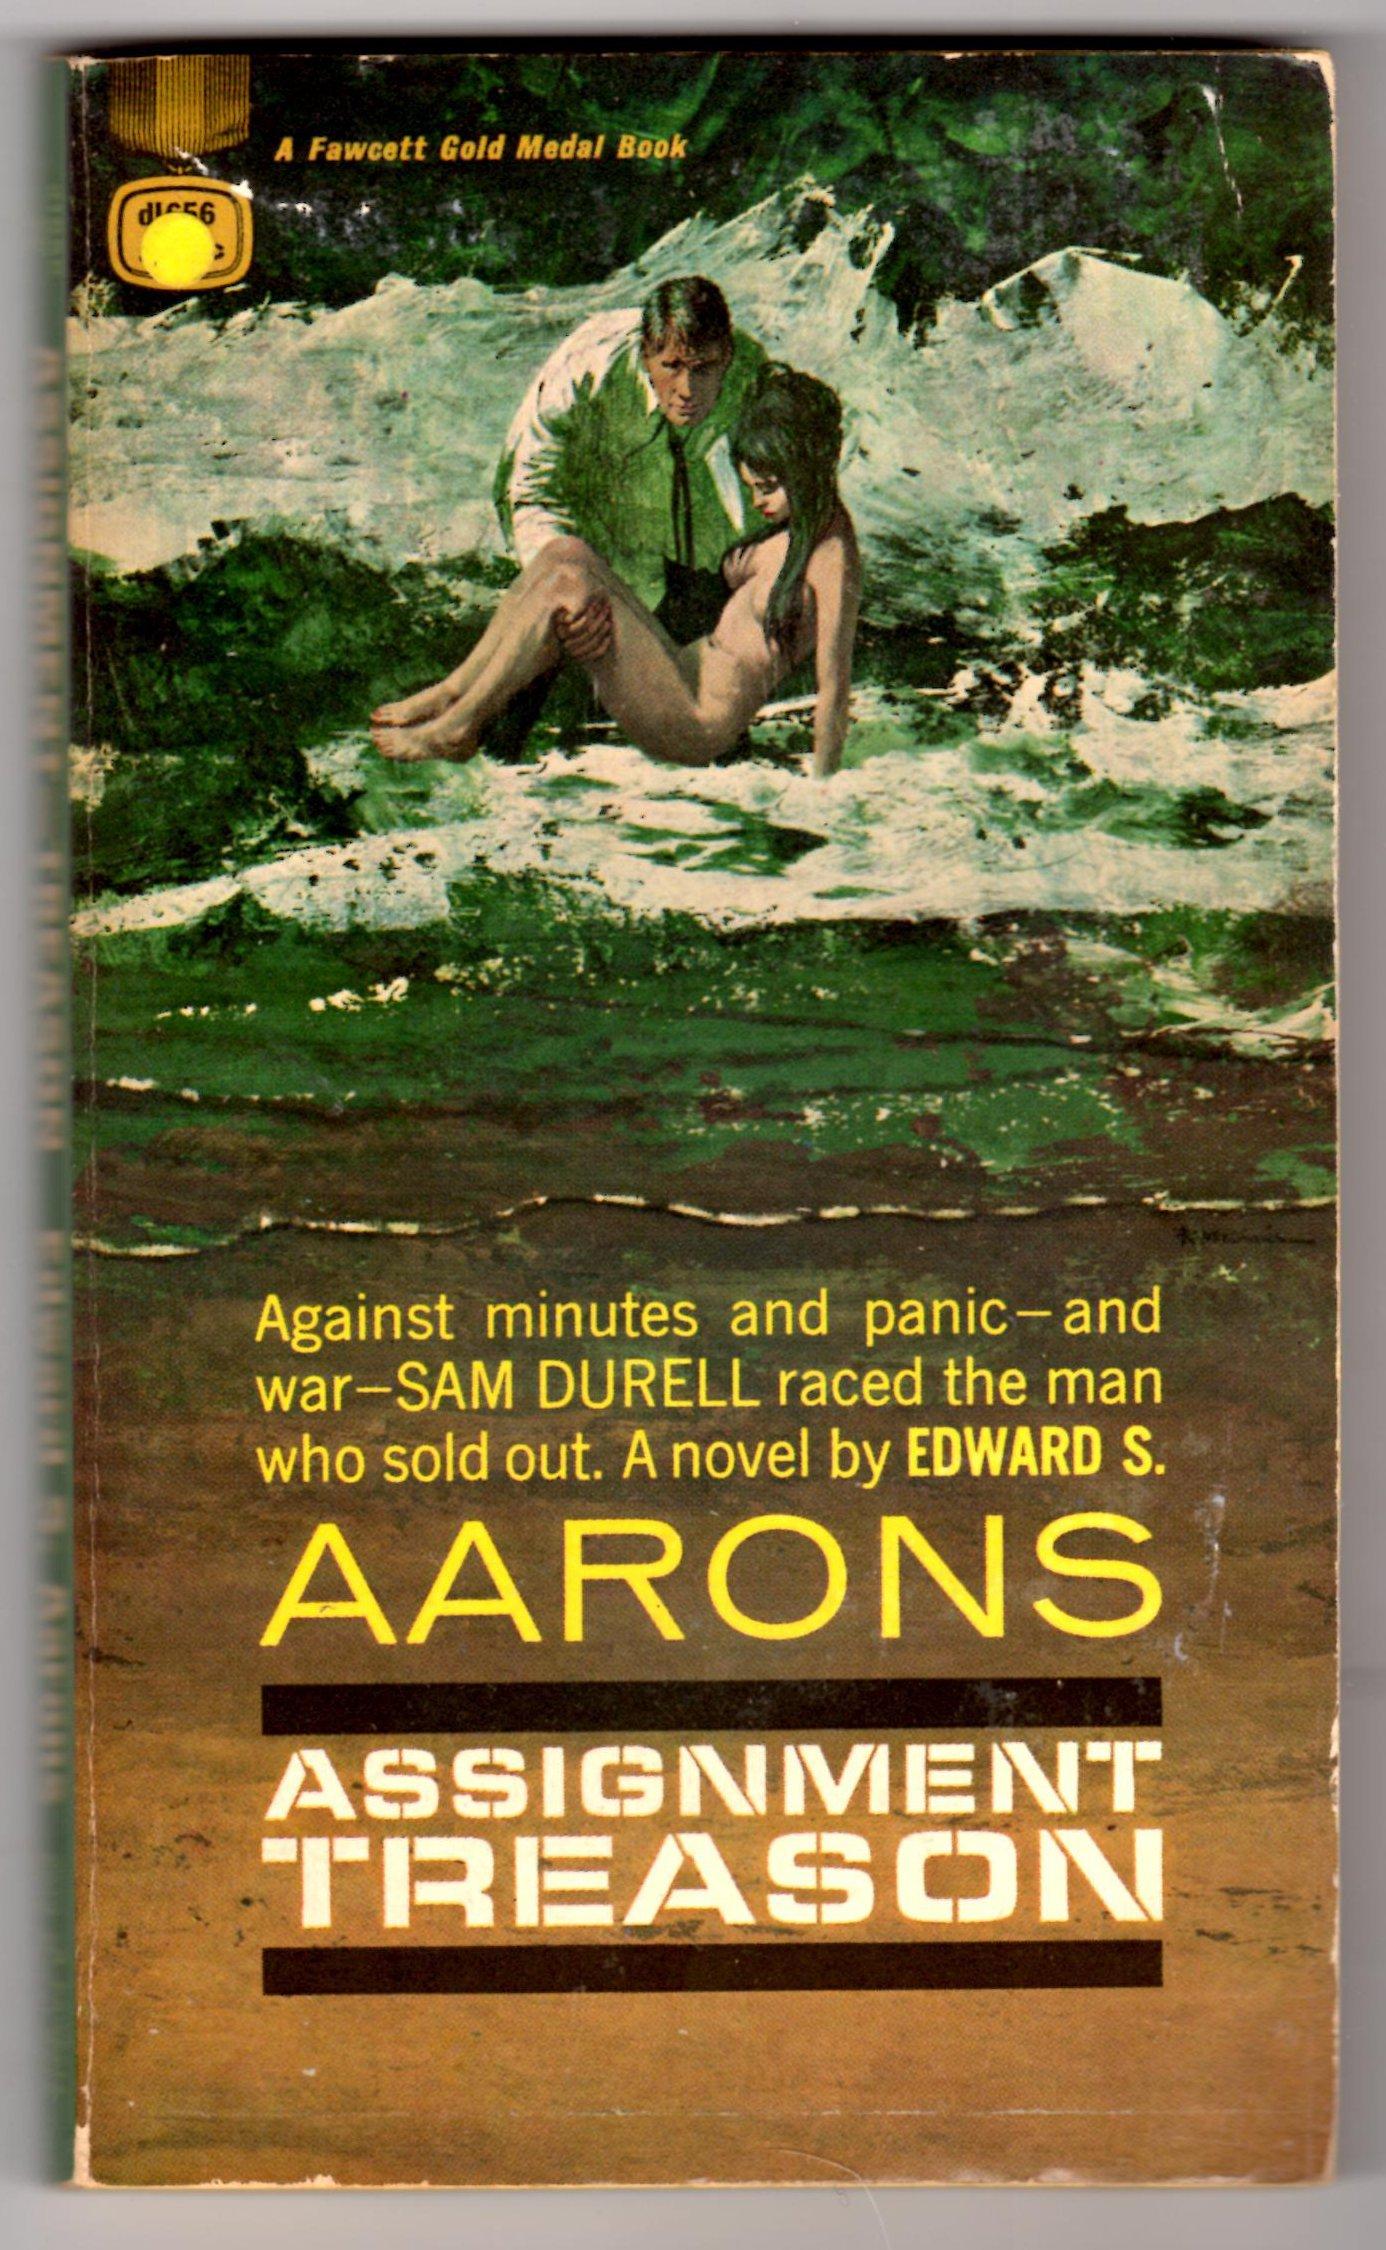 Edward S. Aarons